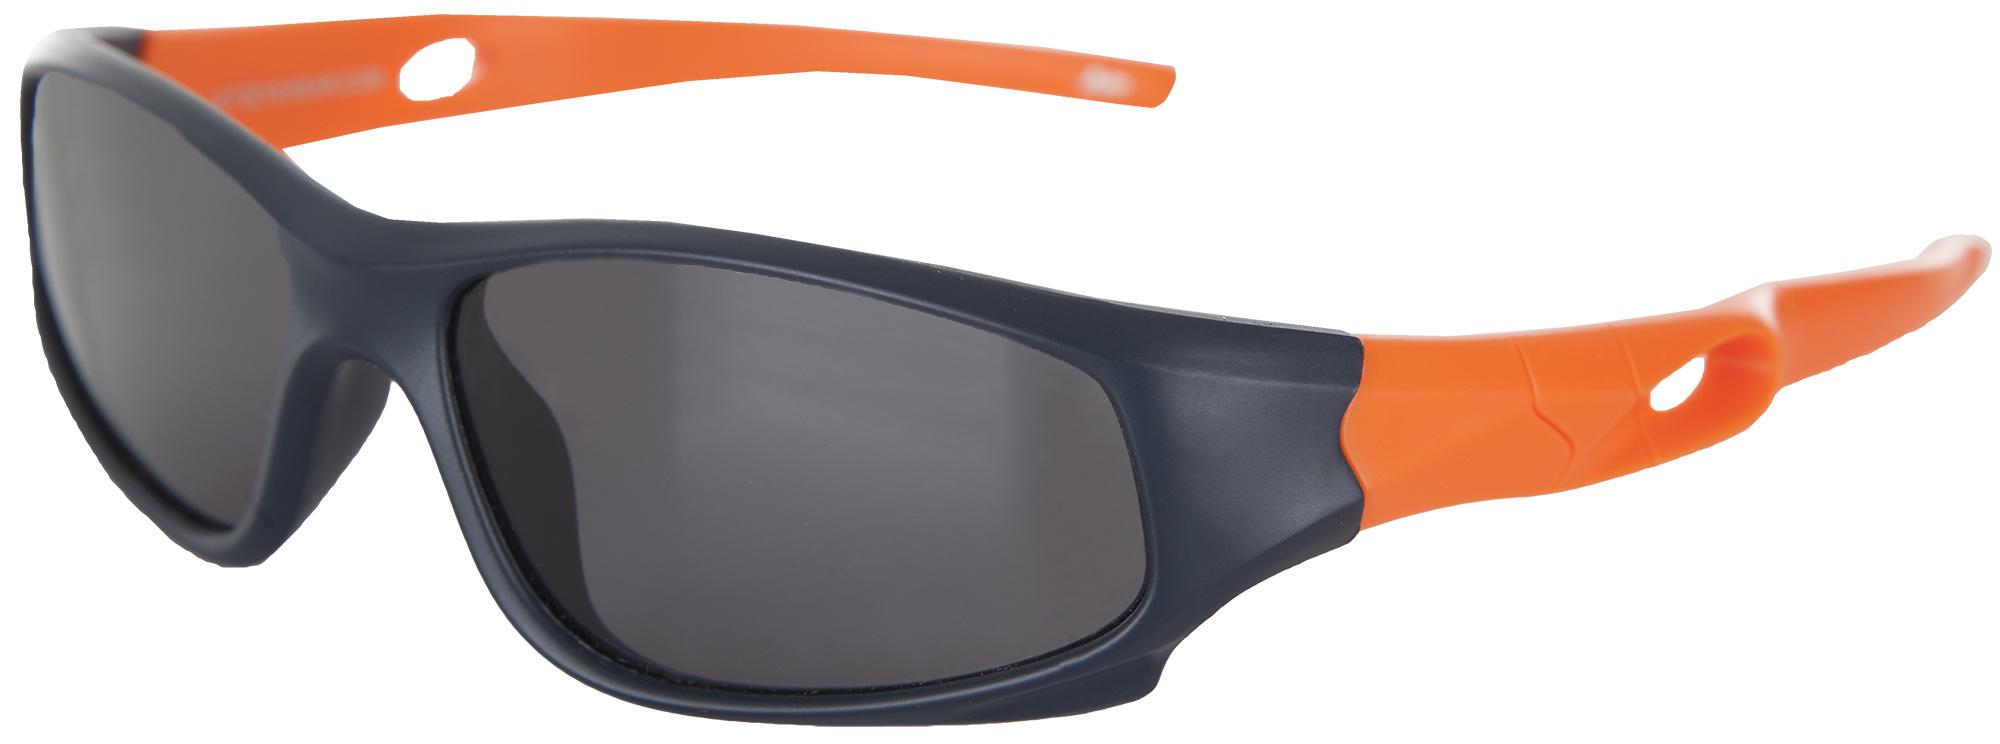 Leto Солнцезащитные очки детские Leto очки солнцезащитные детские мири